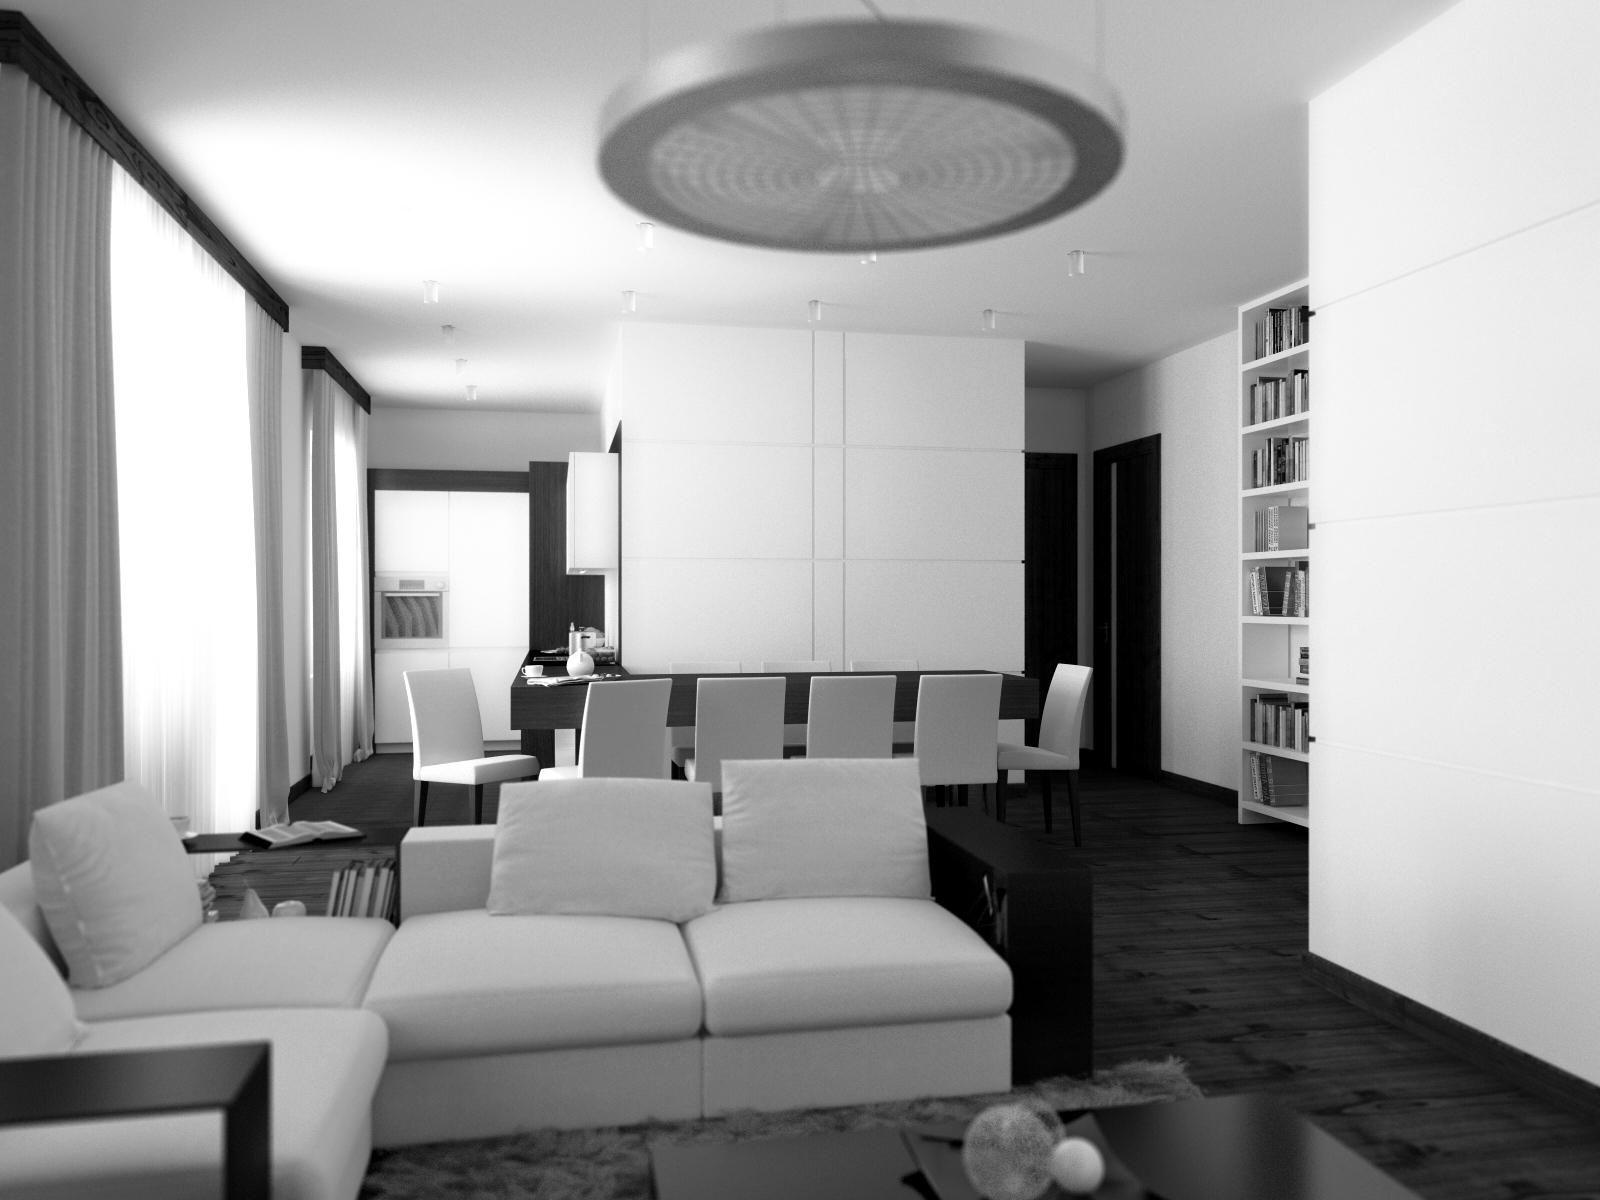 Очаровательное оформление интерьера квартиры в стиле минимализм